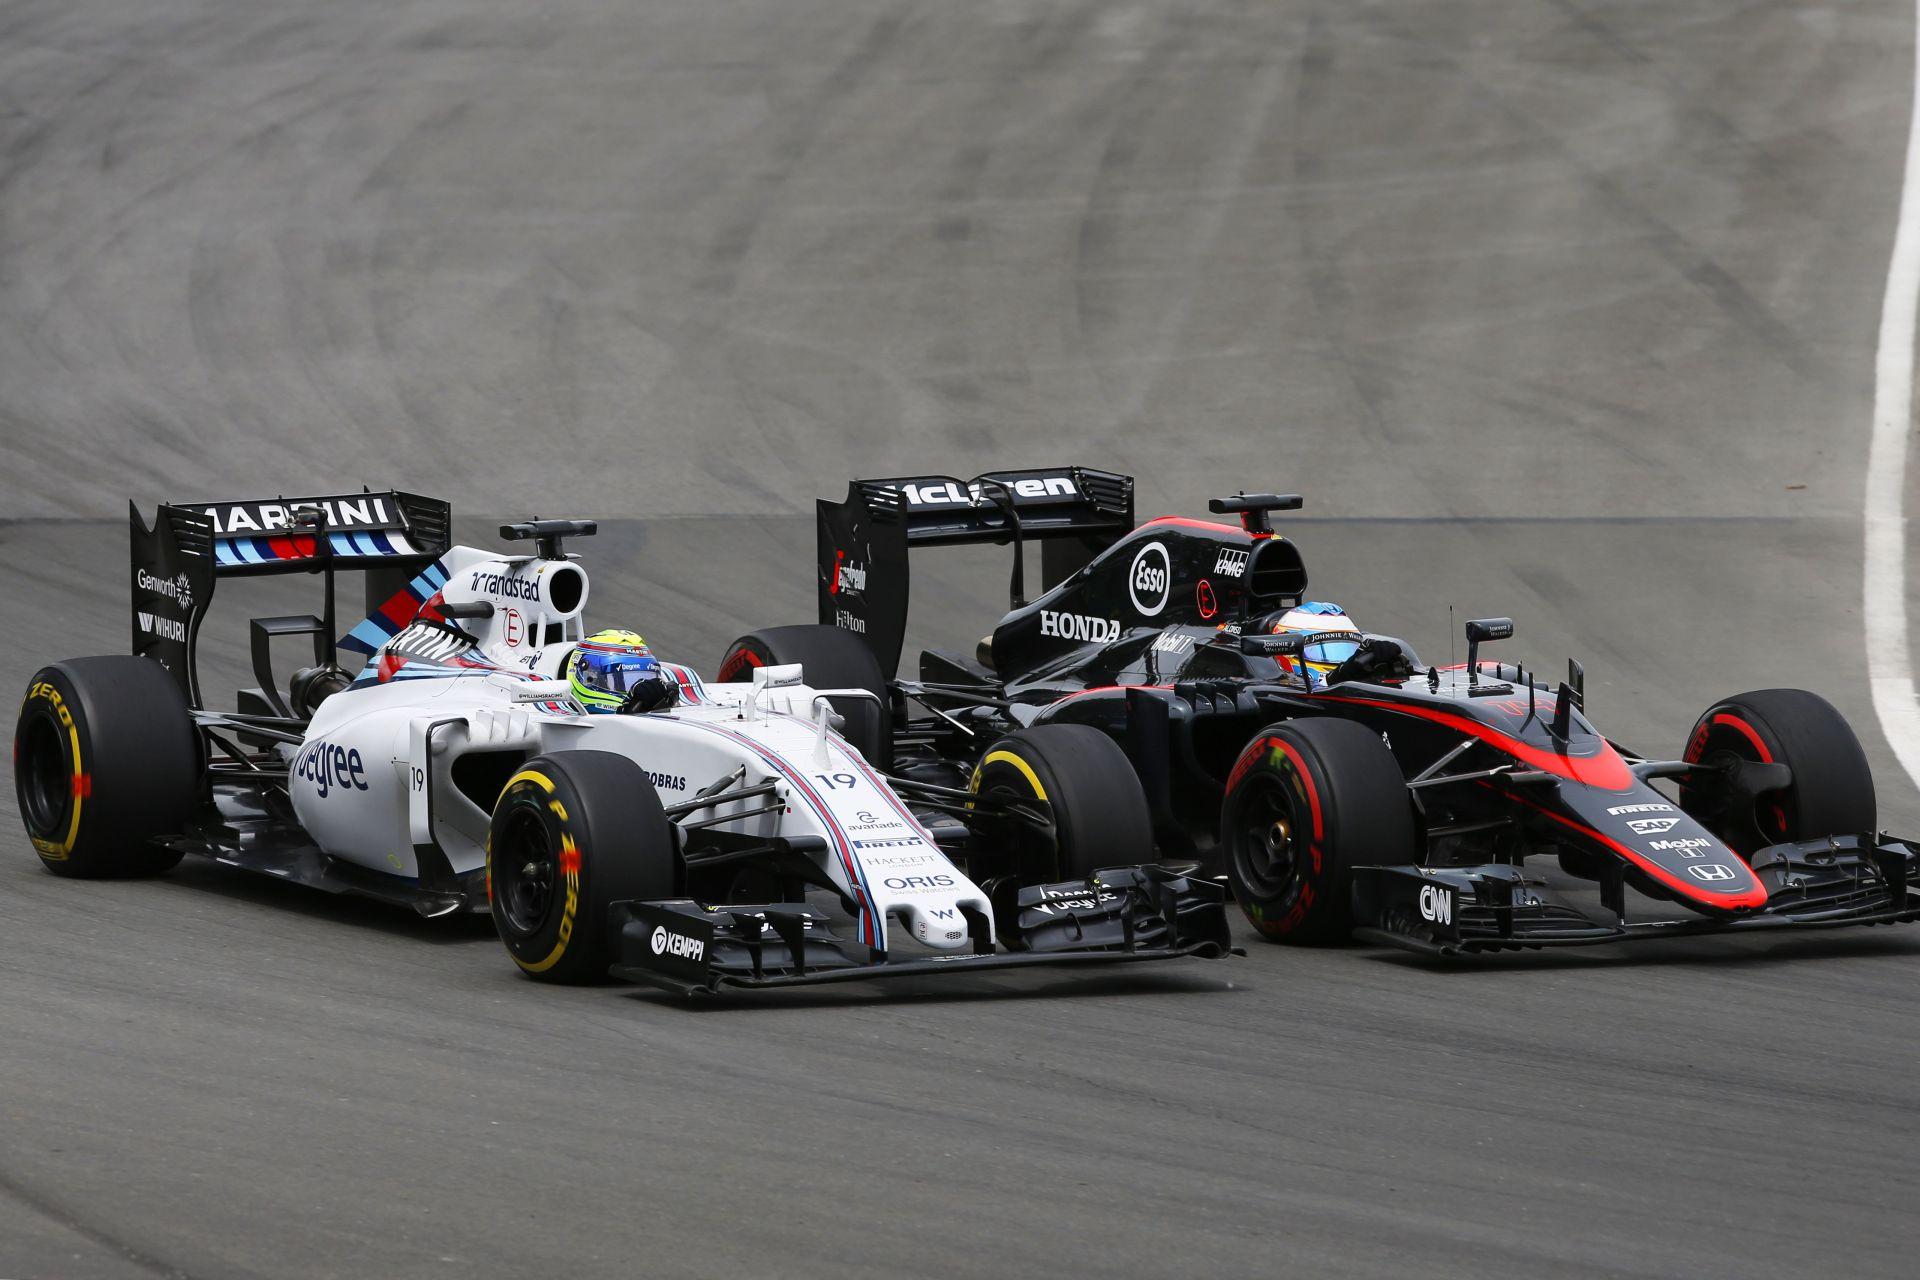 A Mercedes és Hamilton pozitív, a McLaren és Alonso negatív rekordokat dönt meg...